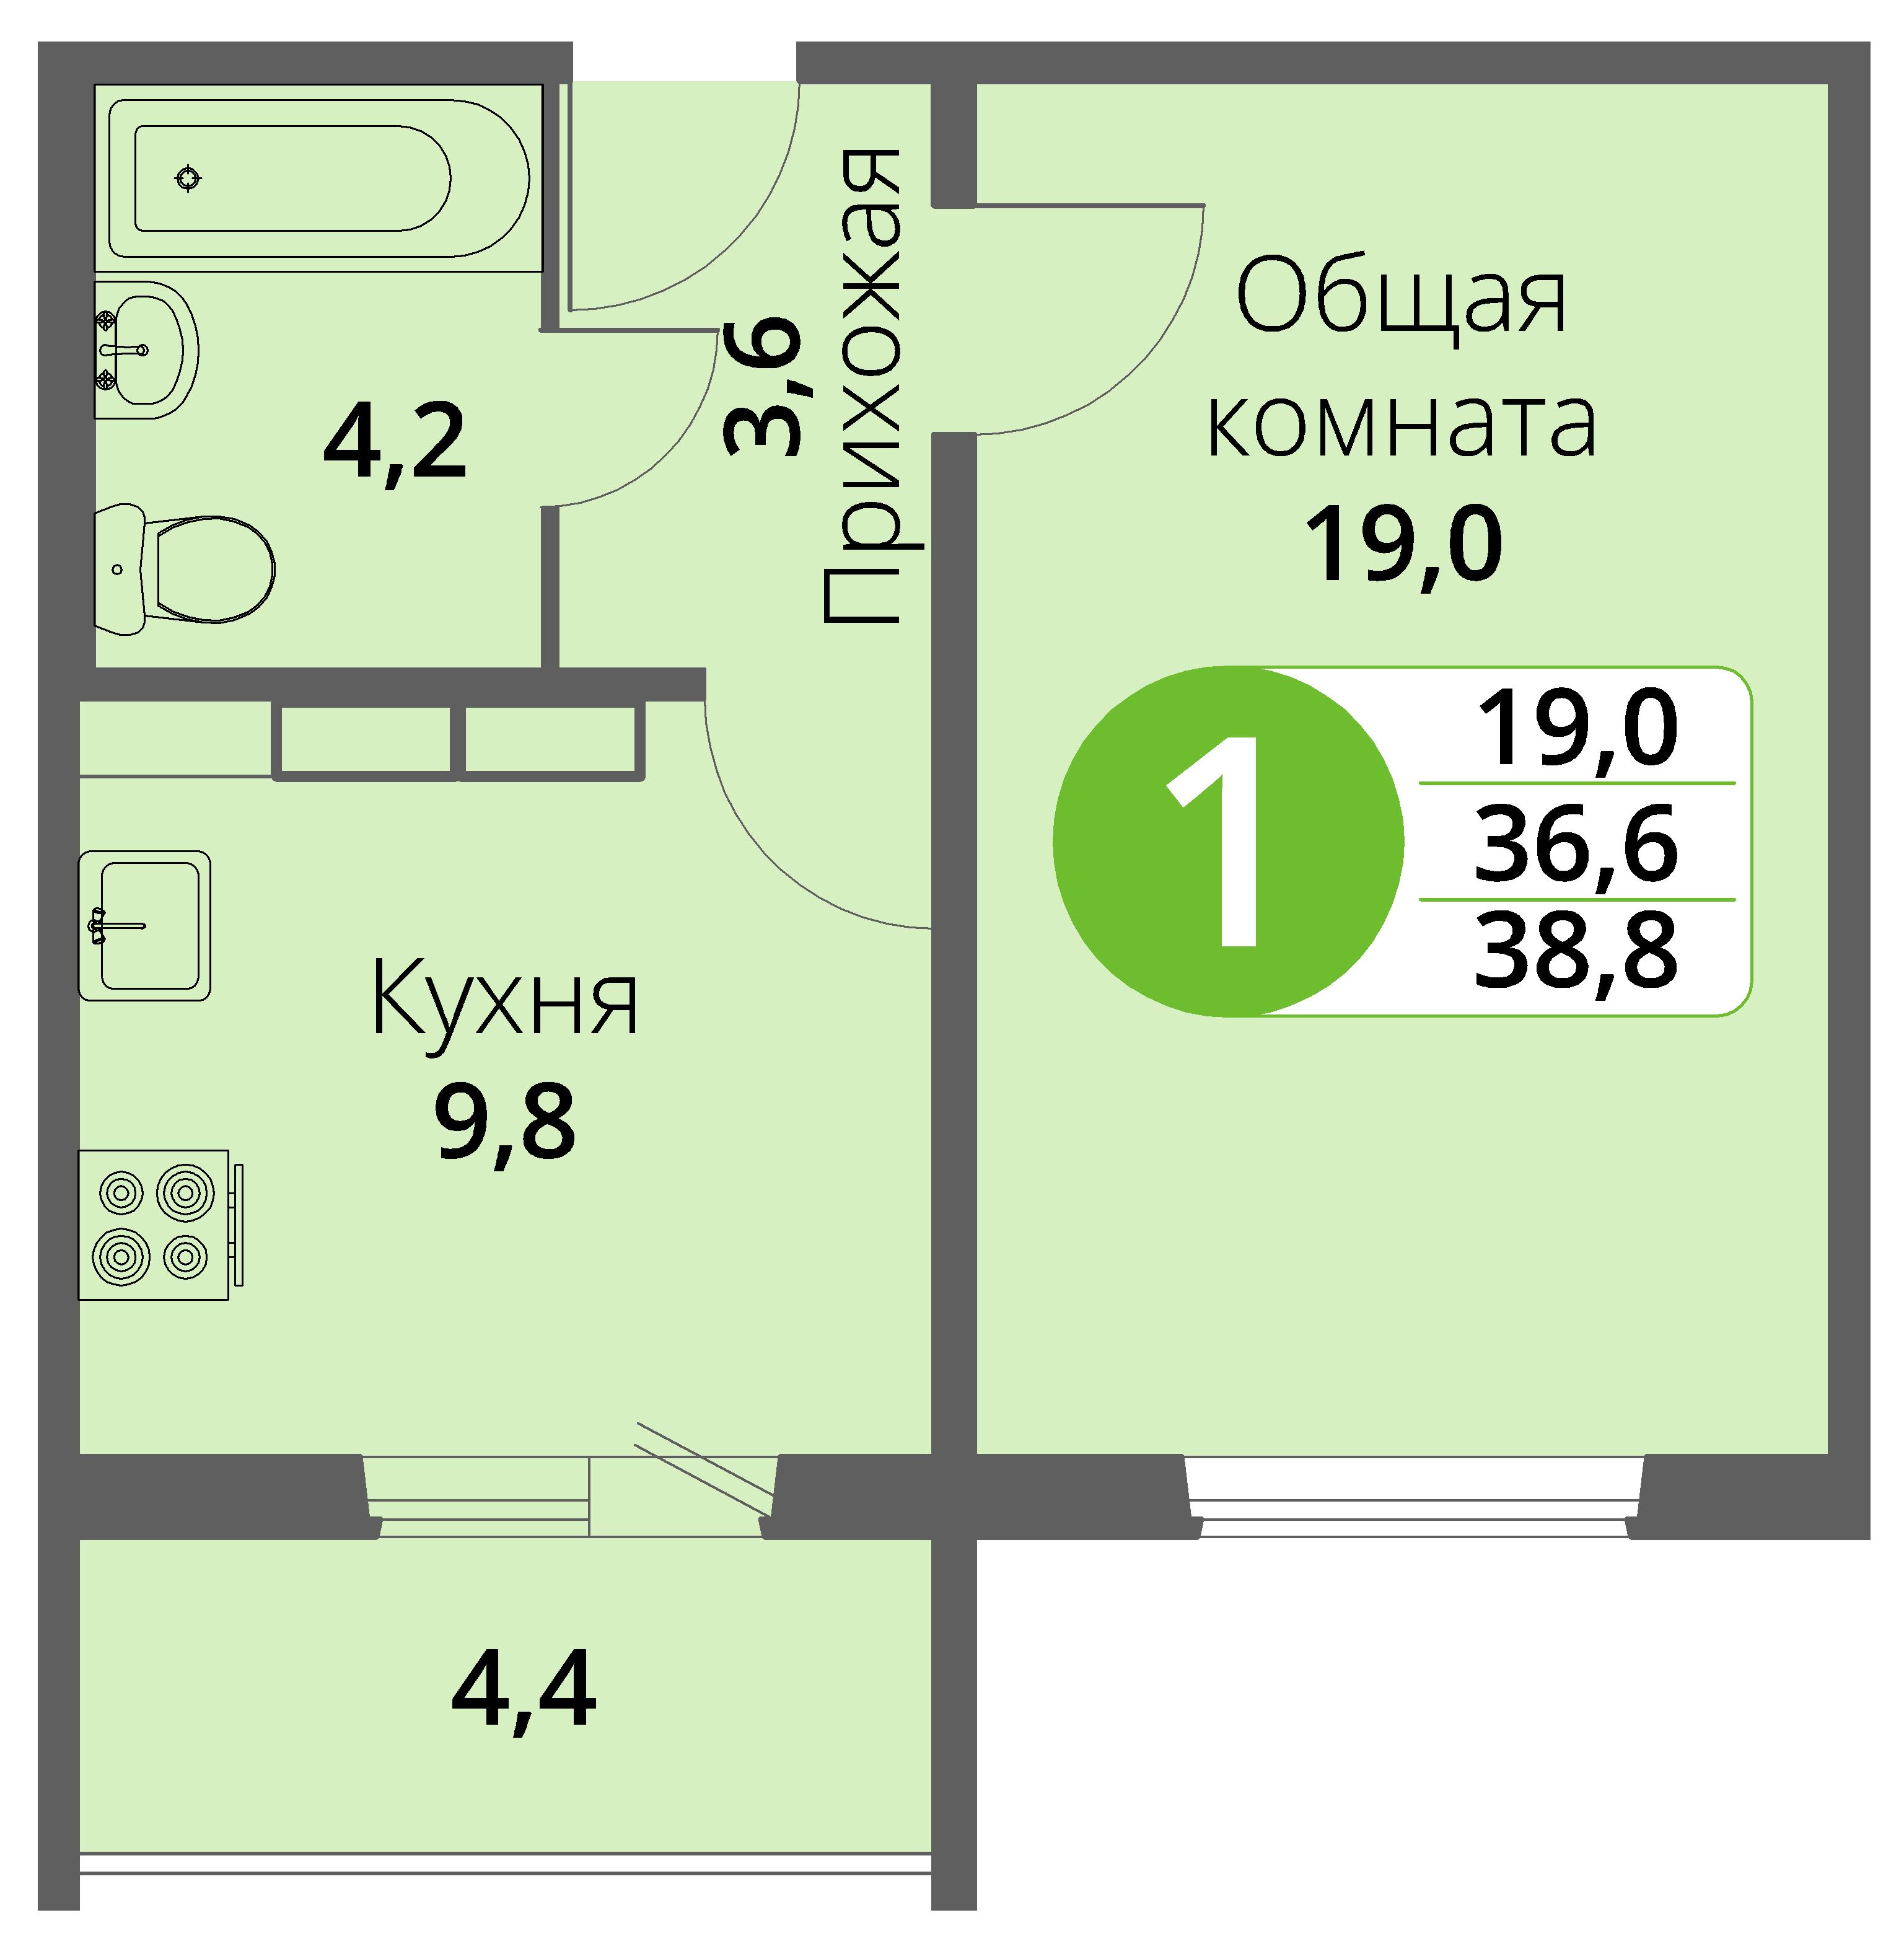 Зареченская 1-2, квартира 87 - Однокомнатная